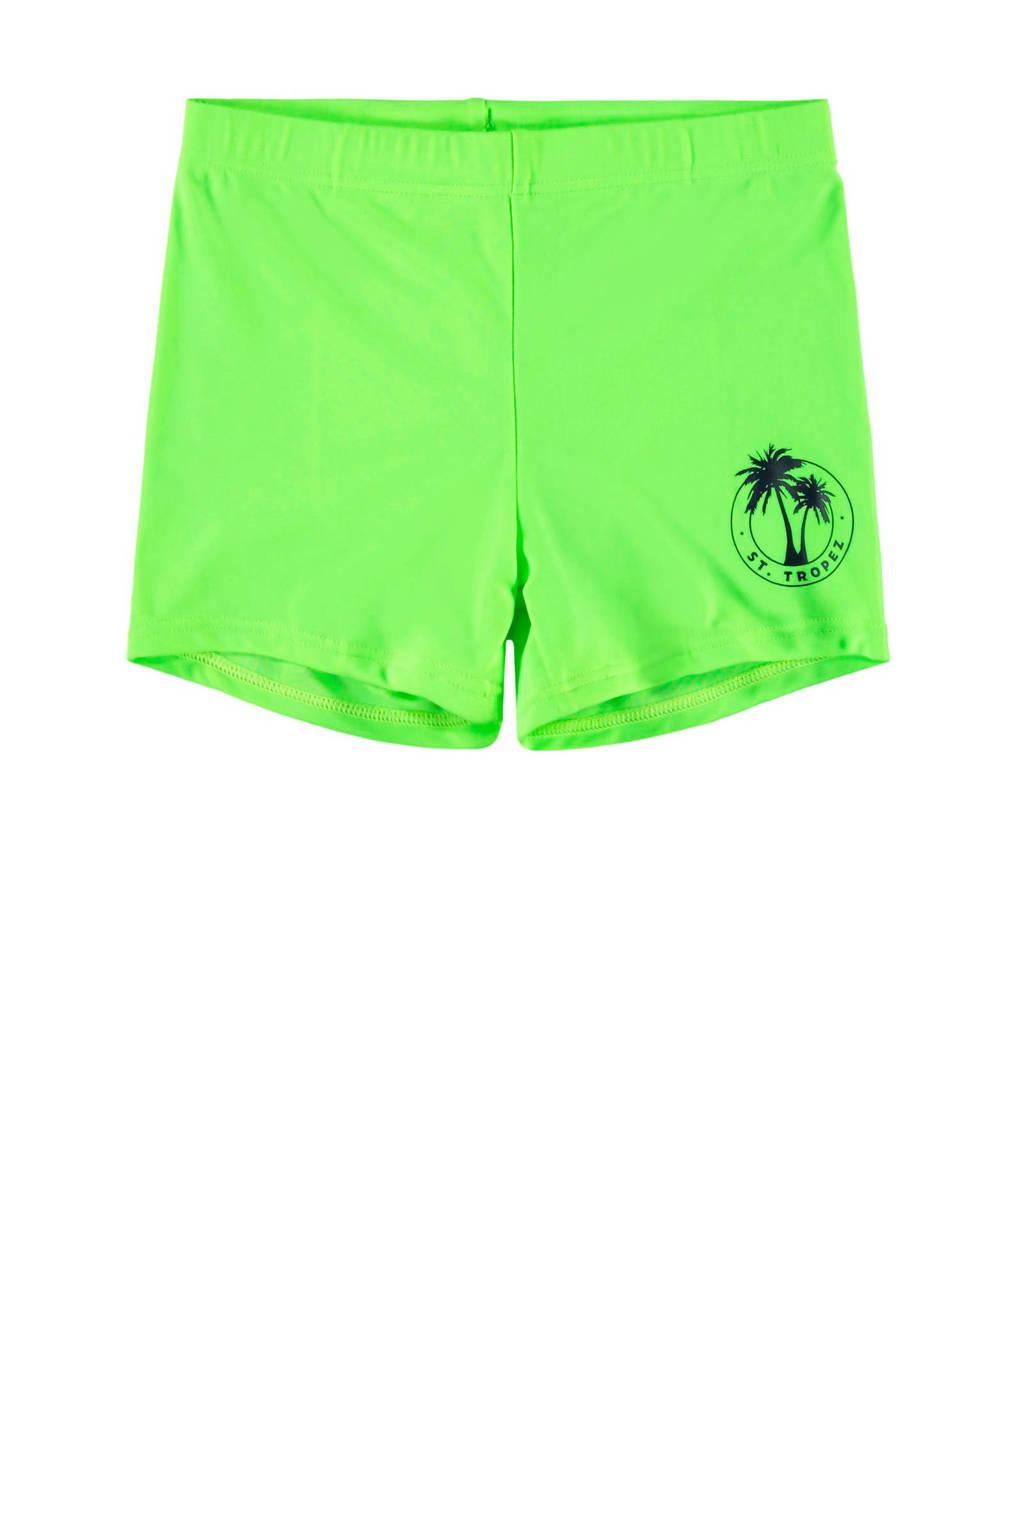 NAME IT KIDS zwemboxer neon groen, Neon groen